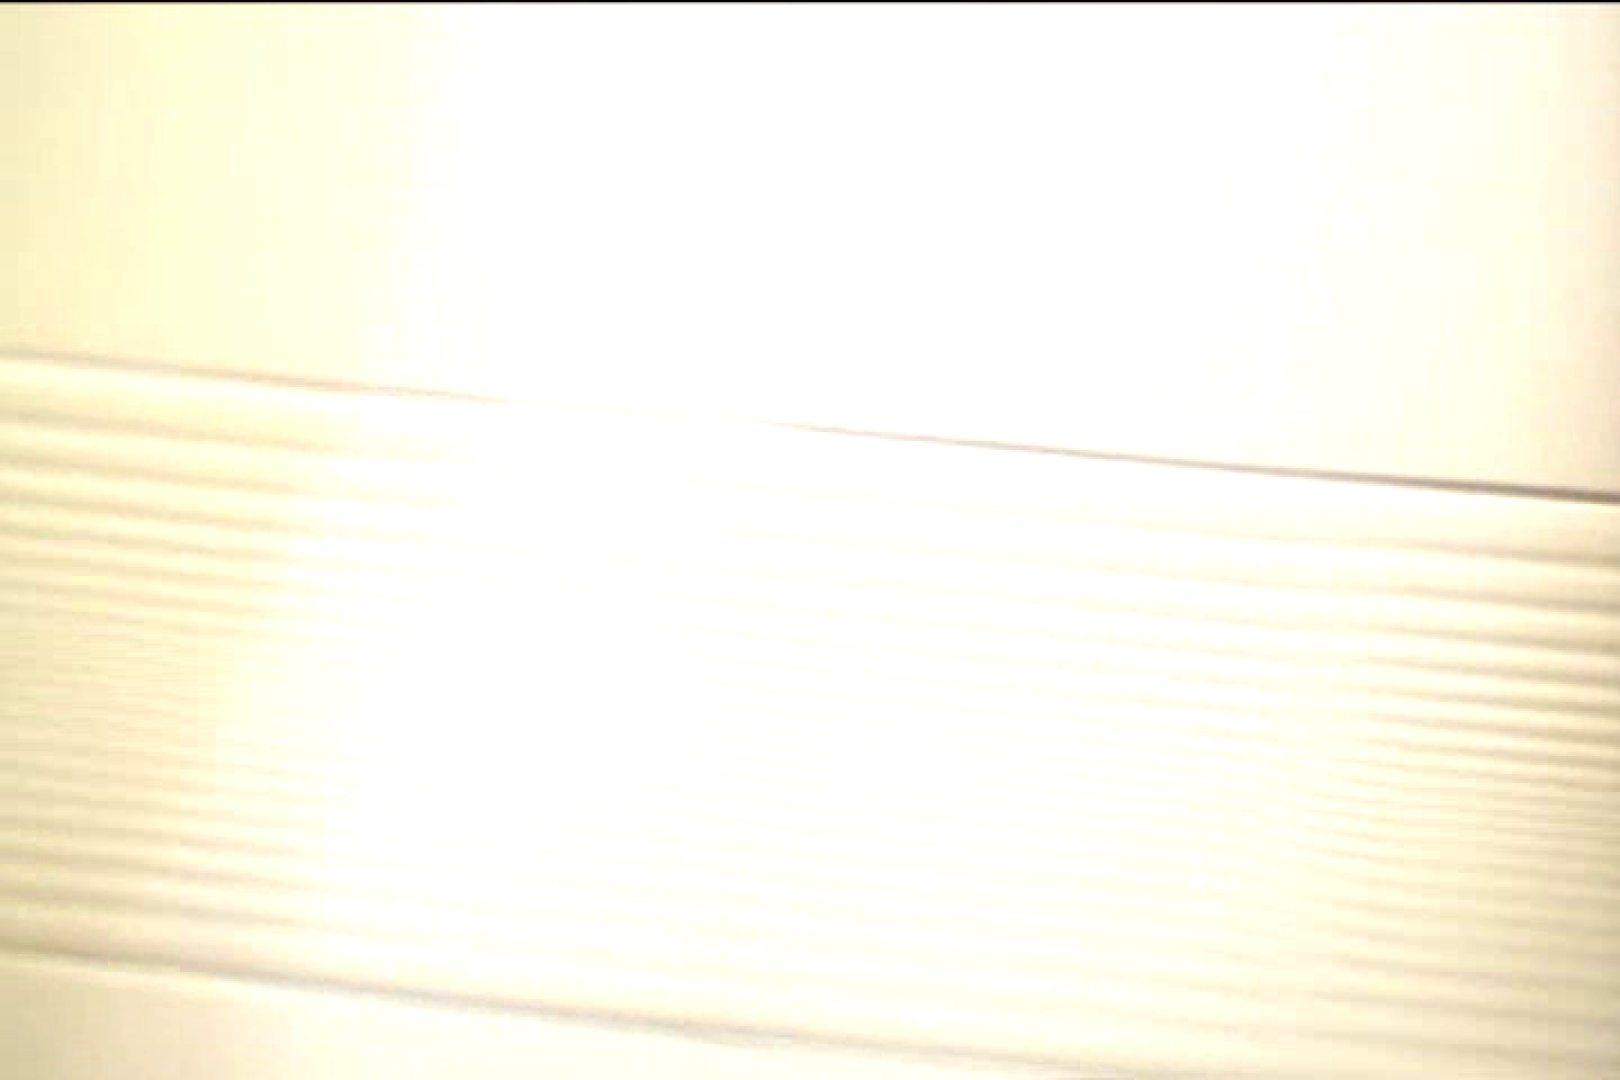 マンコ丸見え女子洗面所Vol.35 OLセックス 覗き性交動画流出 75画像 54